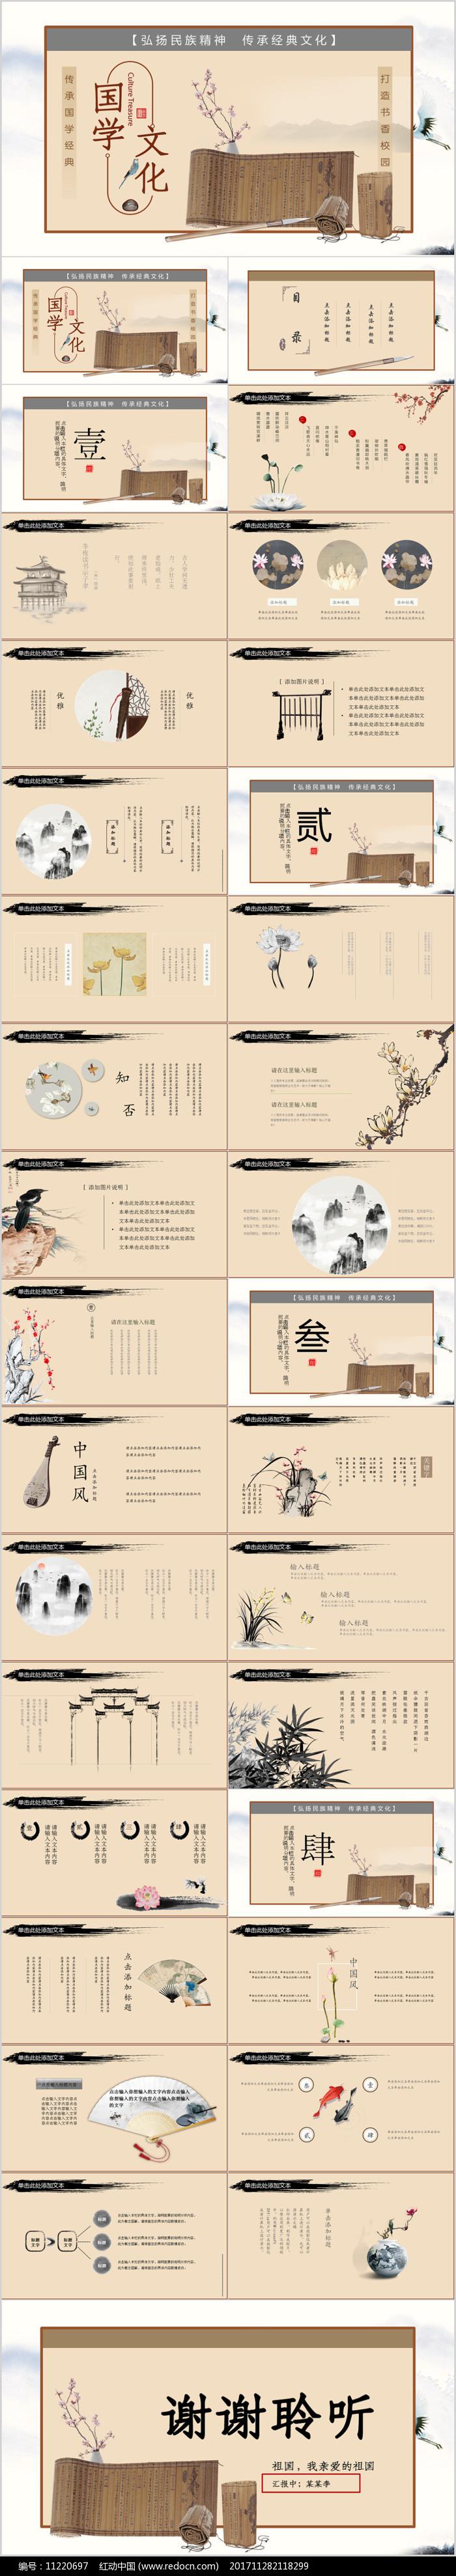 中国风国学经典国学文化课件中国风PPT图片